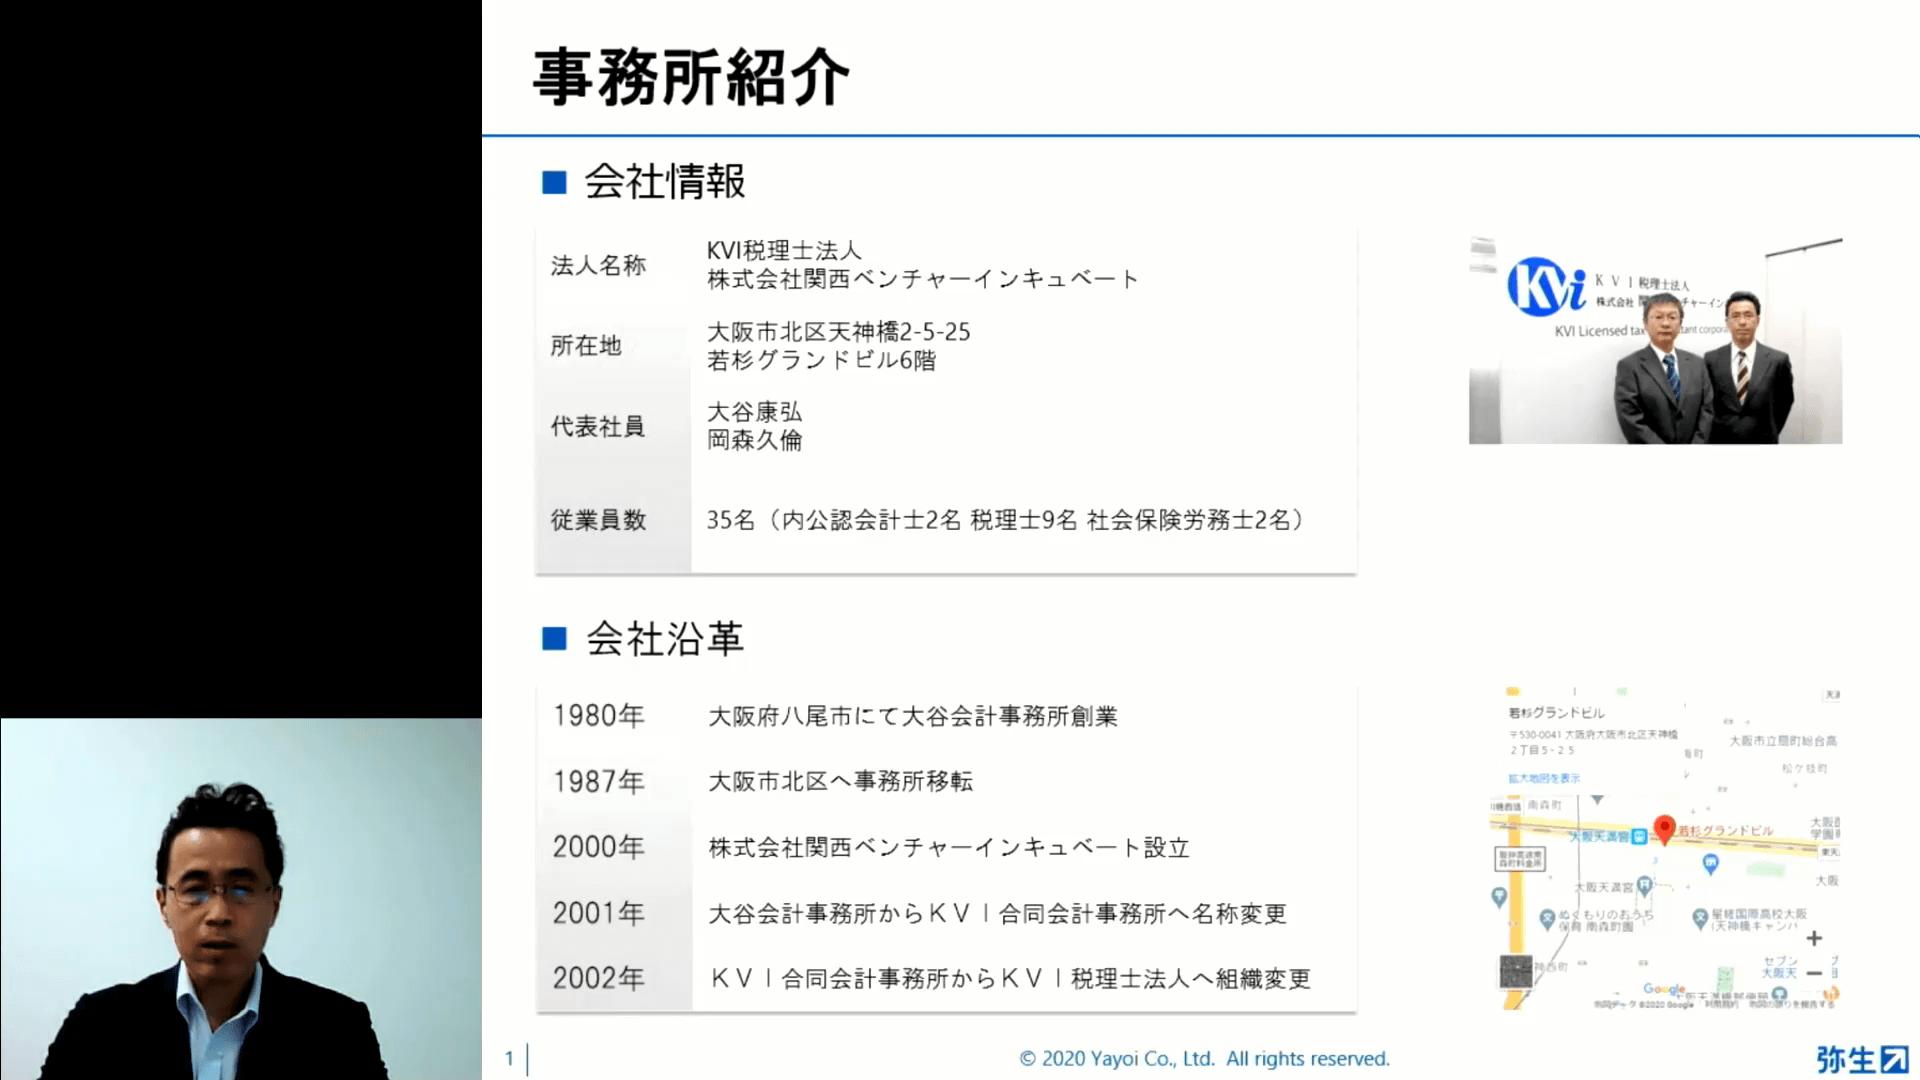 弥生PAPカンファレンス2020秋 KVI税理士法人 代表社員・税理士 岡森久倫